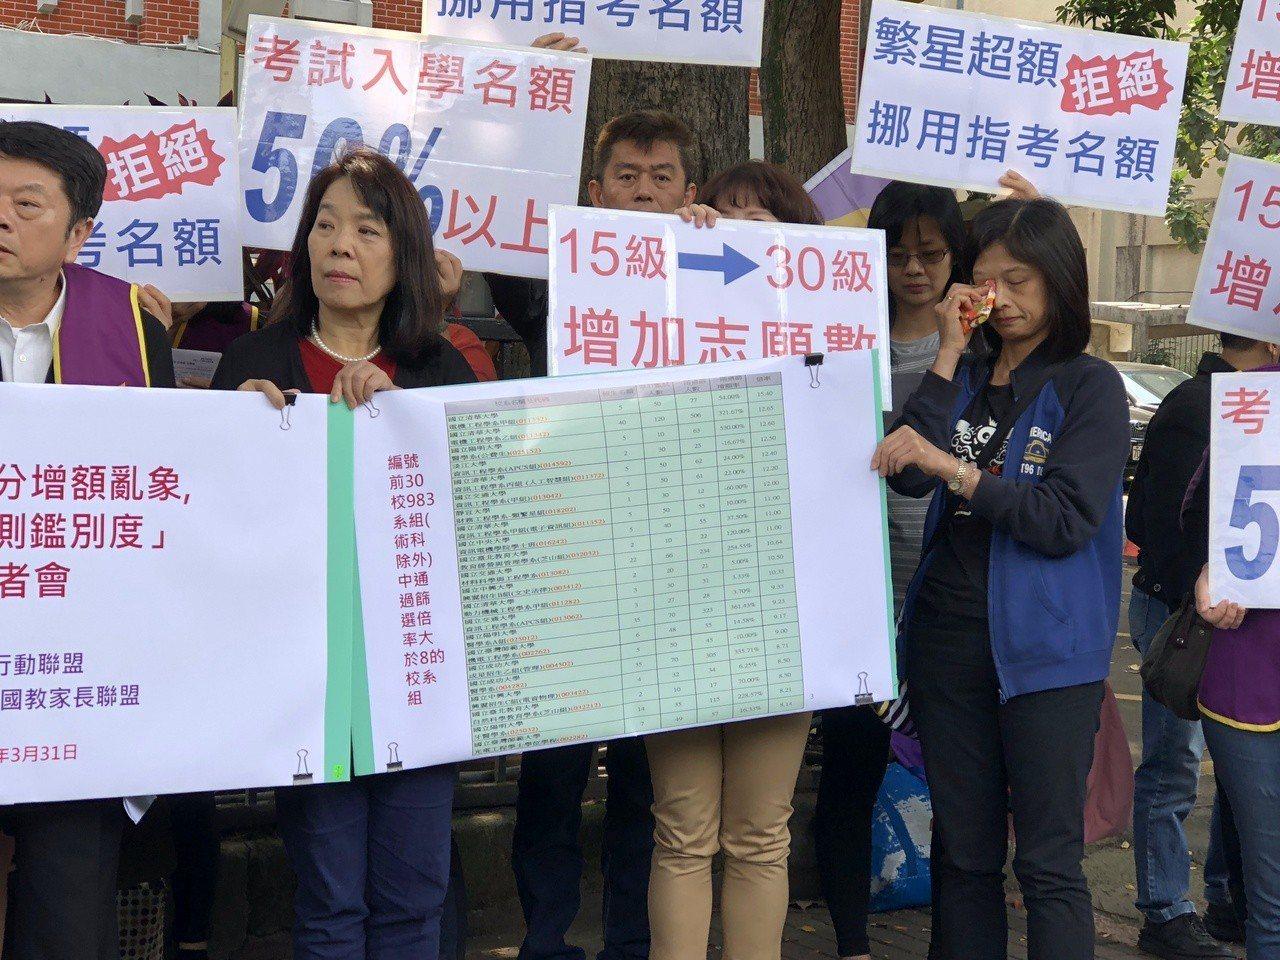 教團、家長赴教育部抗議,家長拭淚。記者何定照/攝影